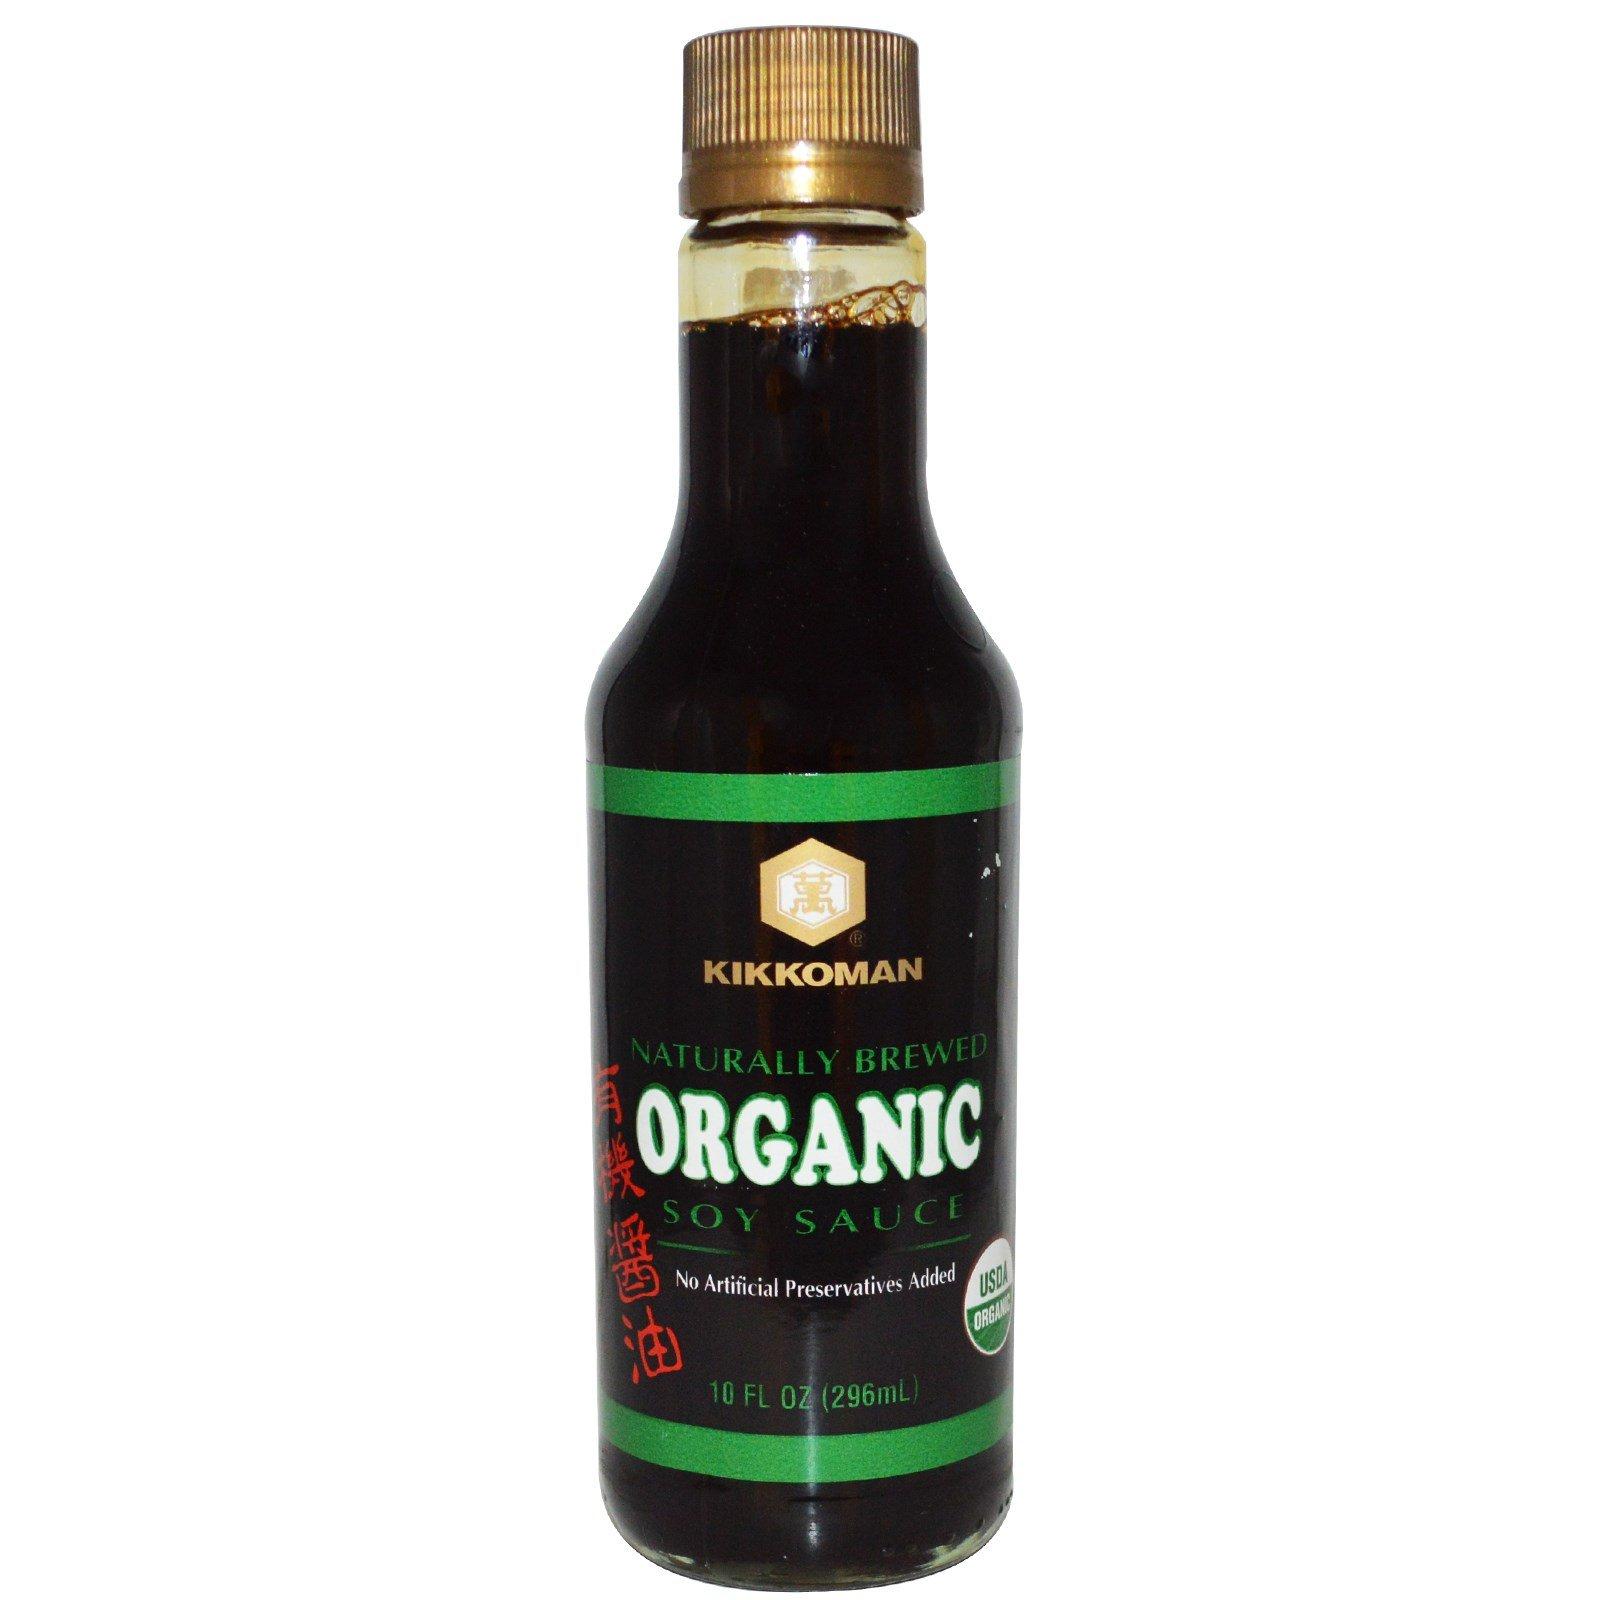 Kikkoman, Organic Soy Sauce, 10 fl oz (296 ml) - 2pcs